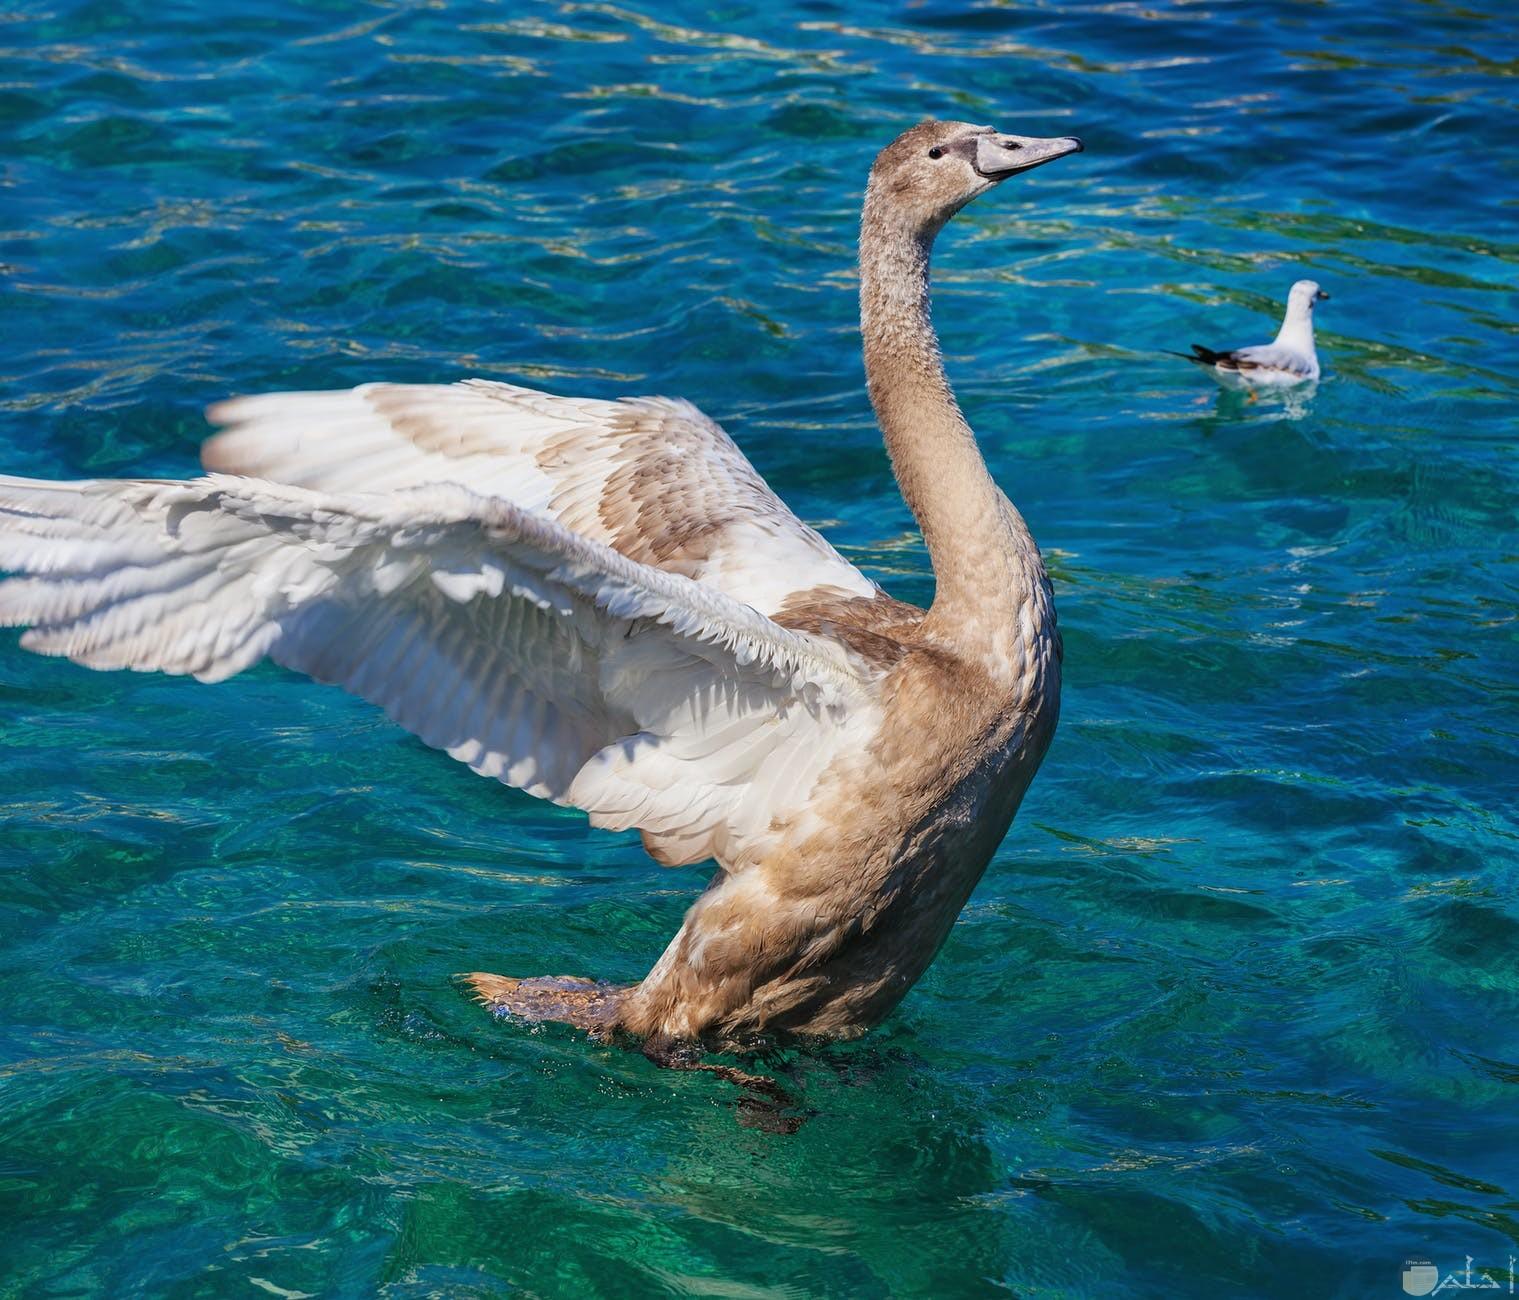 البط وجمالة وسط الماء الازرق